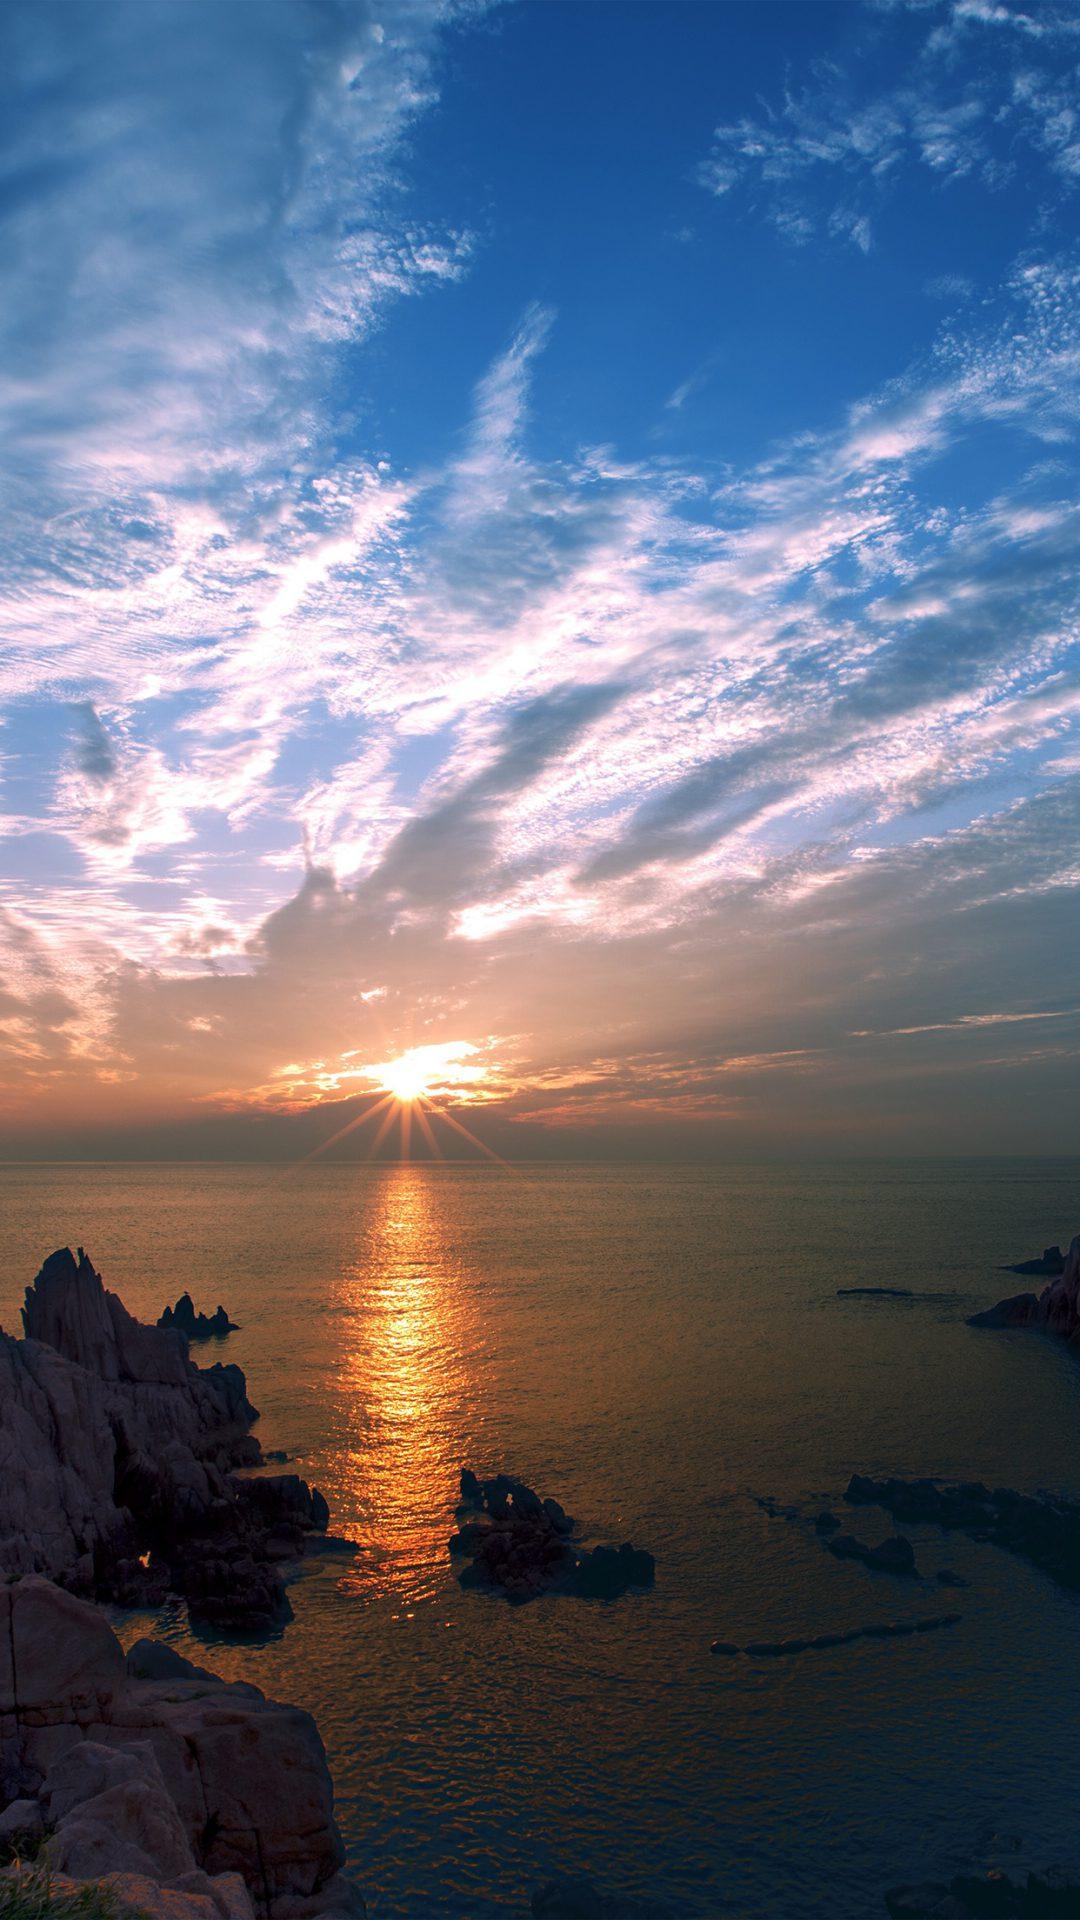 Sunset Sky Cloud Sea Rock Bridge Nature